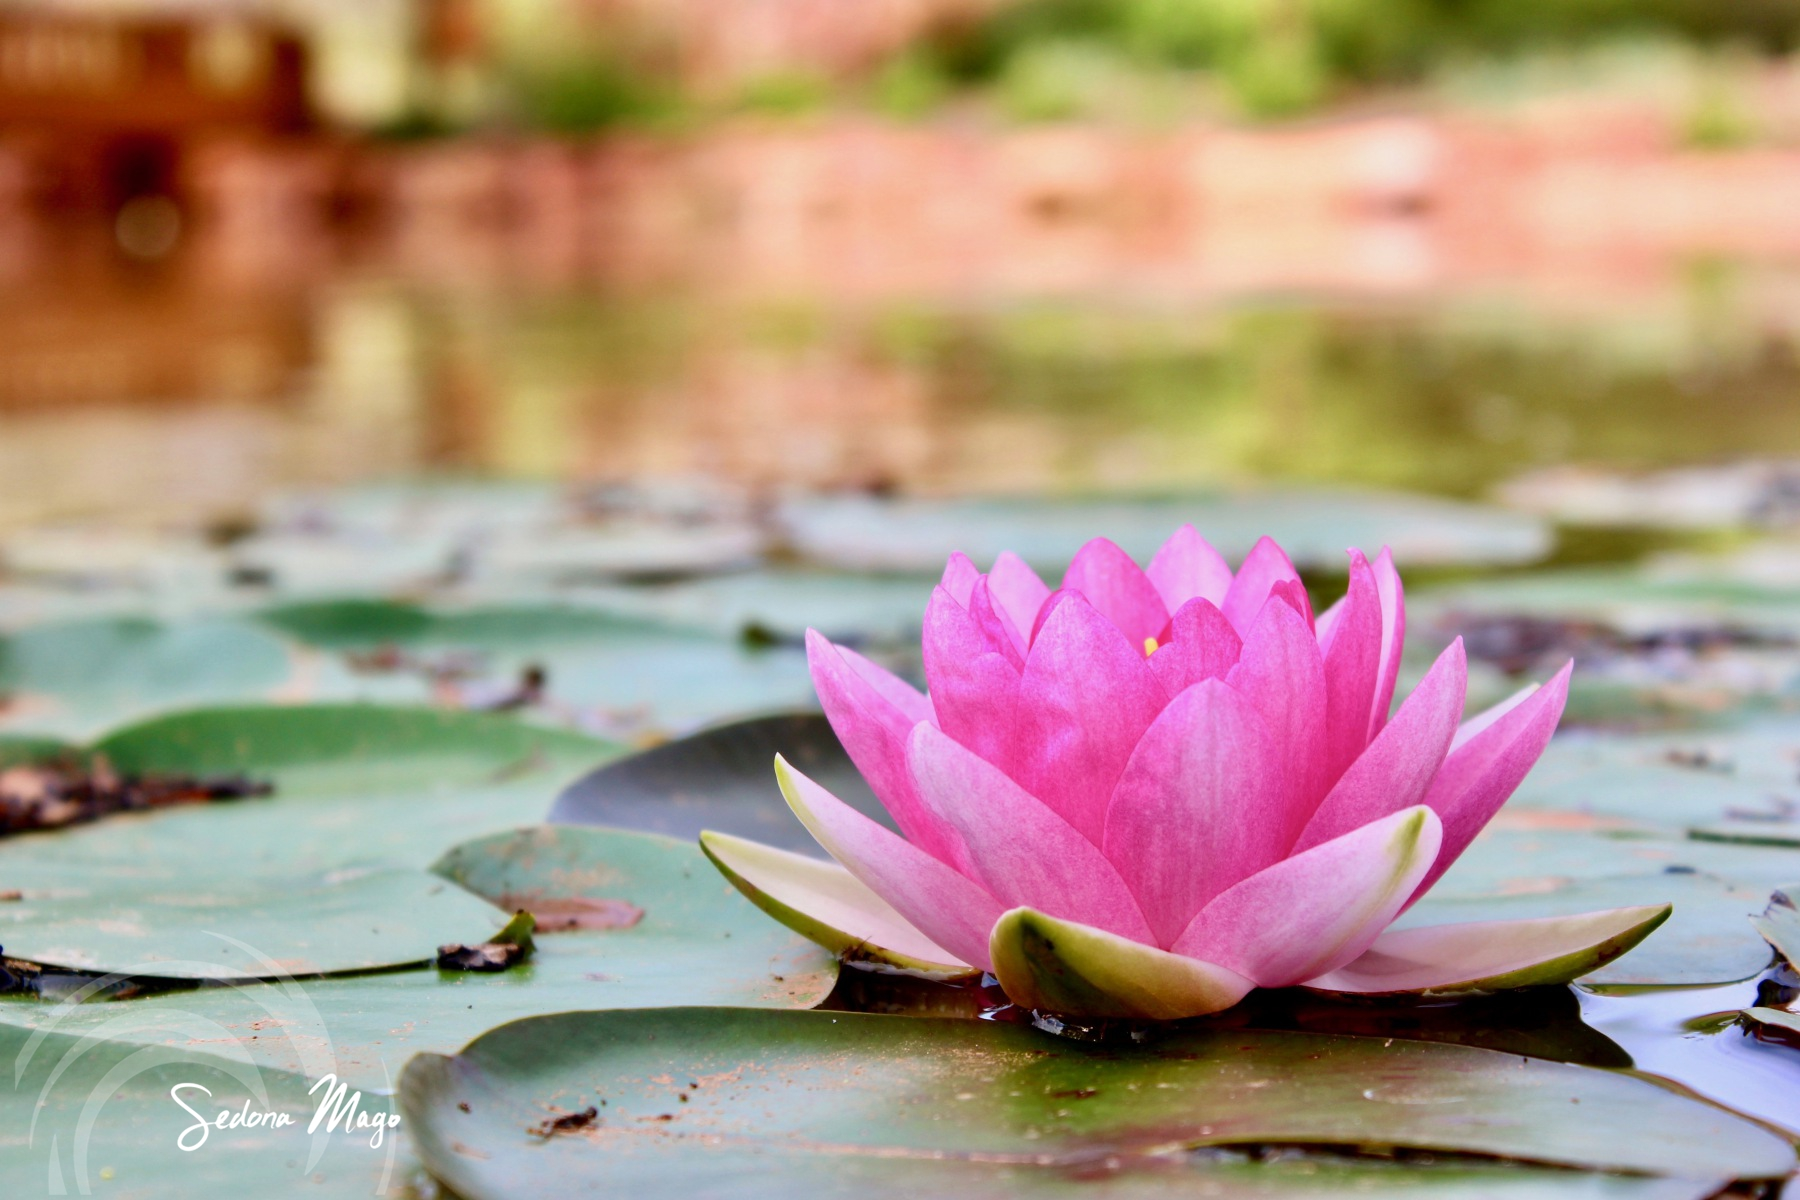 Healing-Lake-Pink-Lotus-Flower-Sedona-Mago